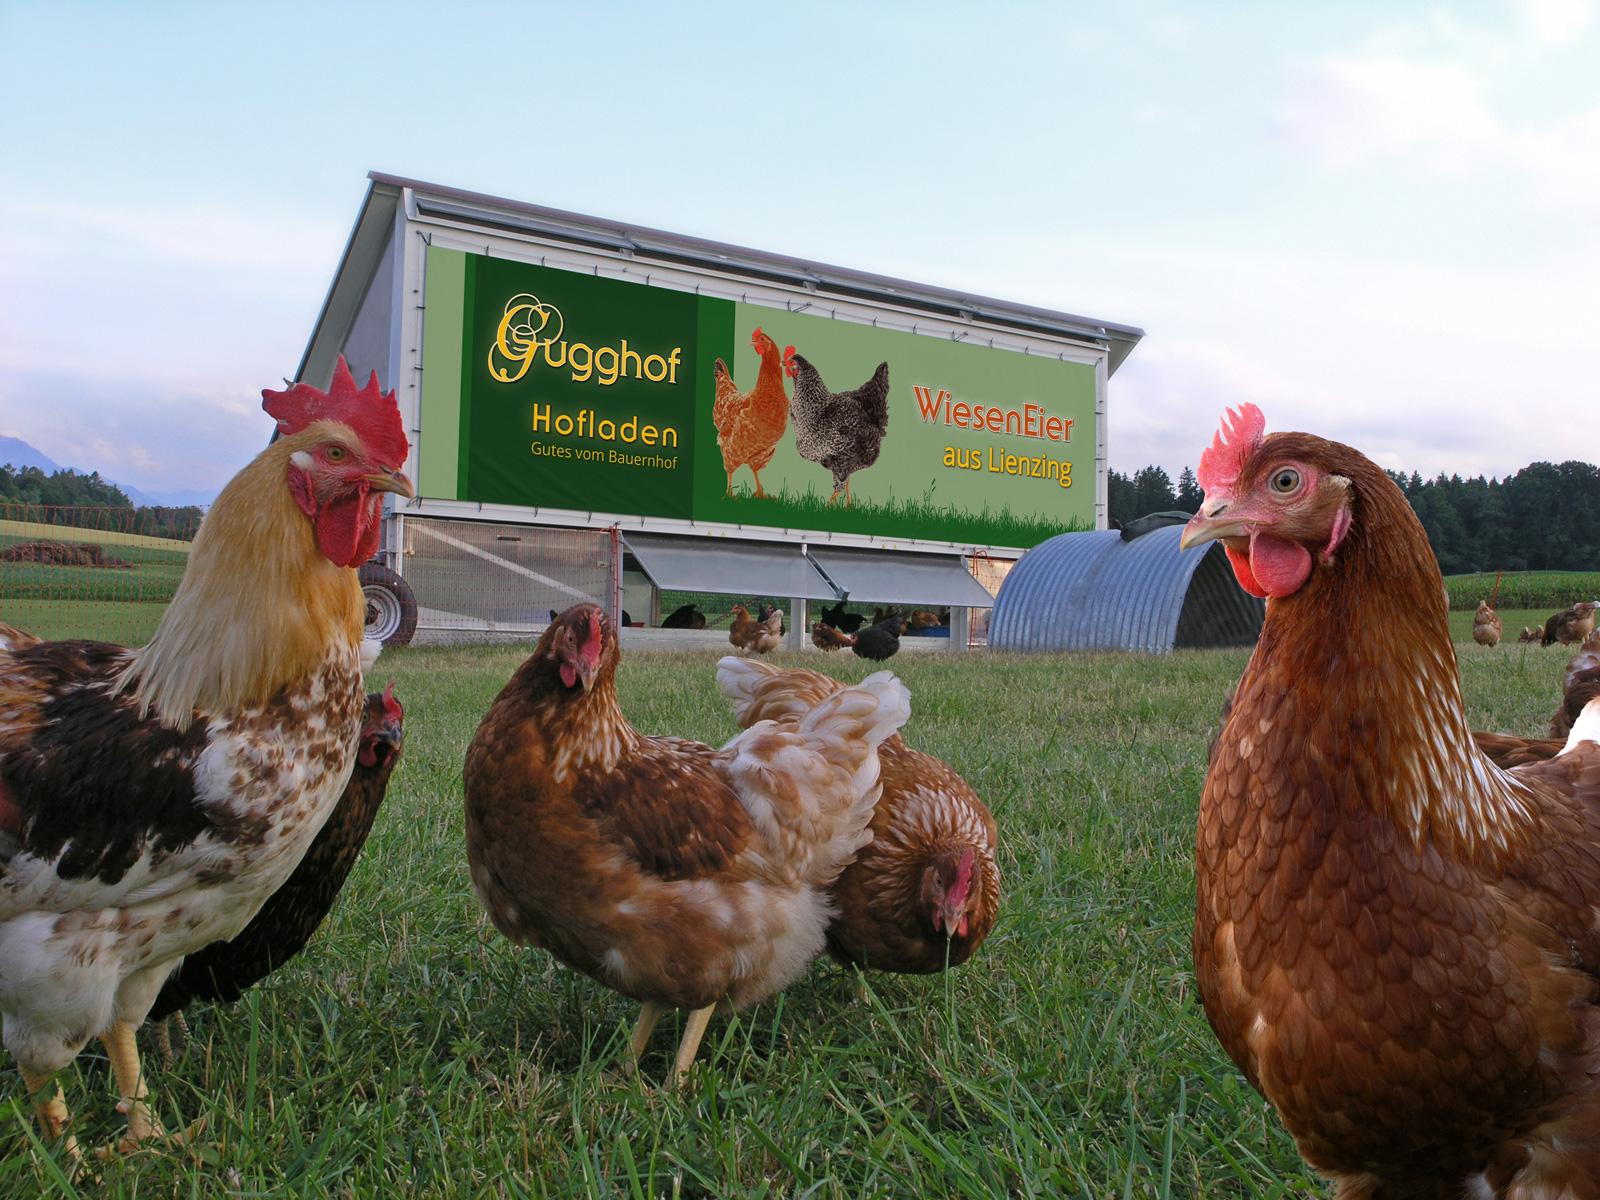 Das Hühnermobil | Gugghof